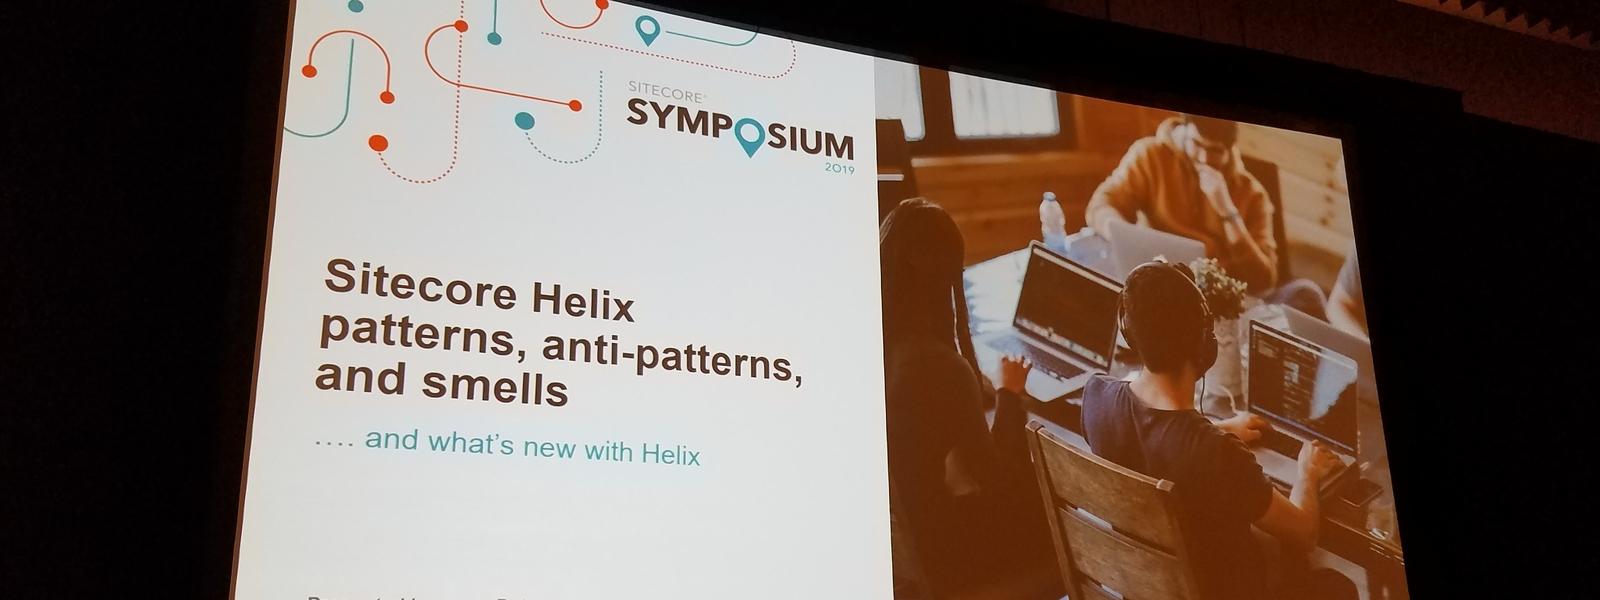 Sitecore Helix